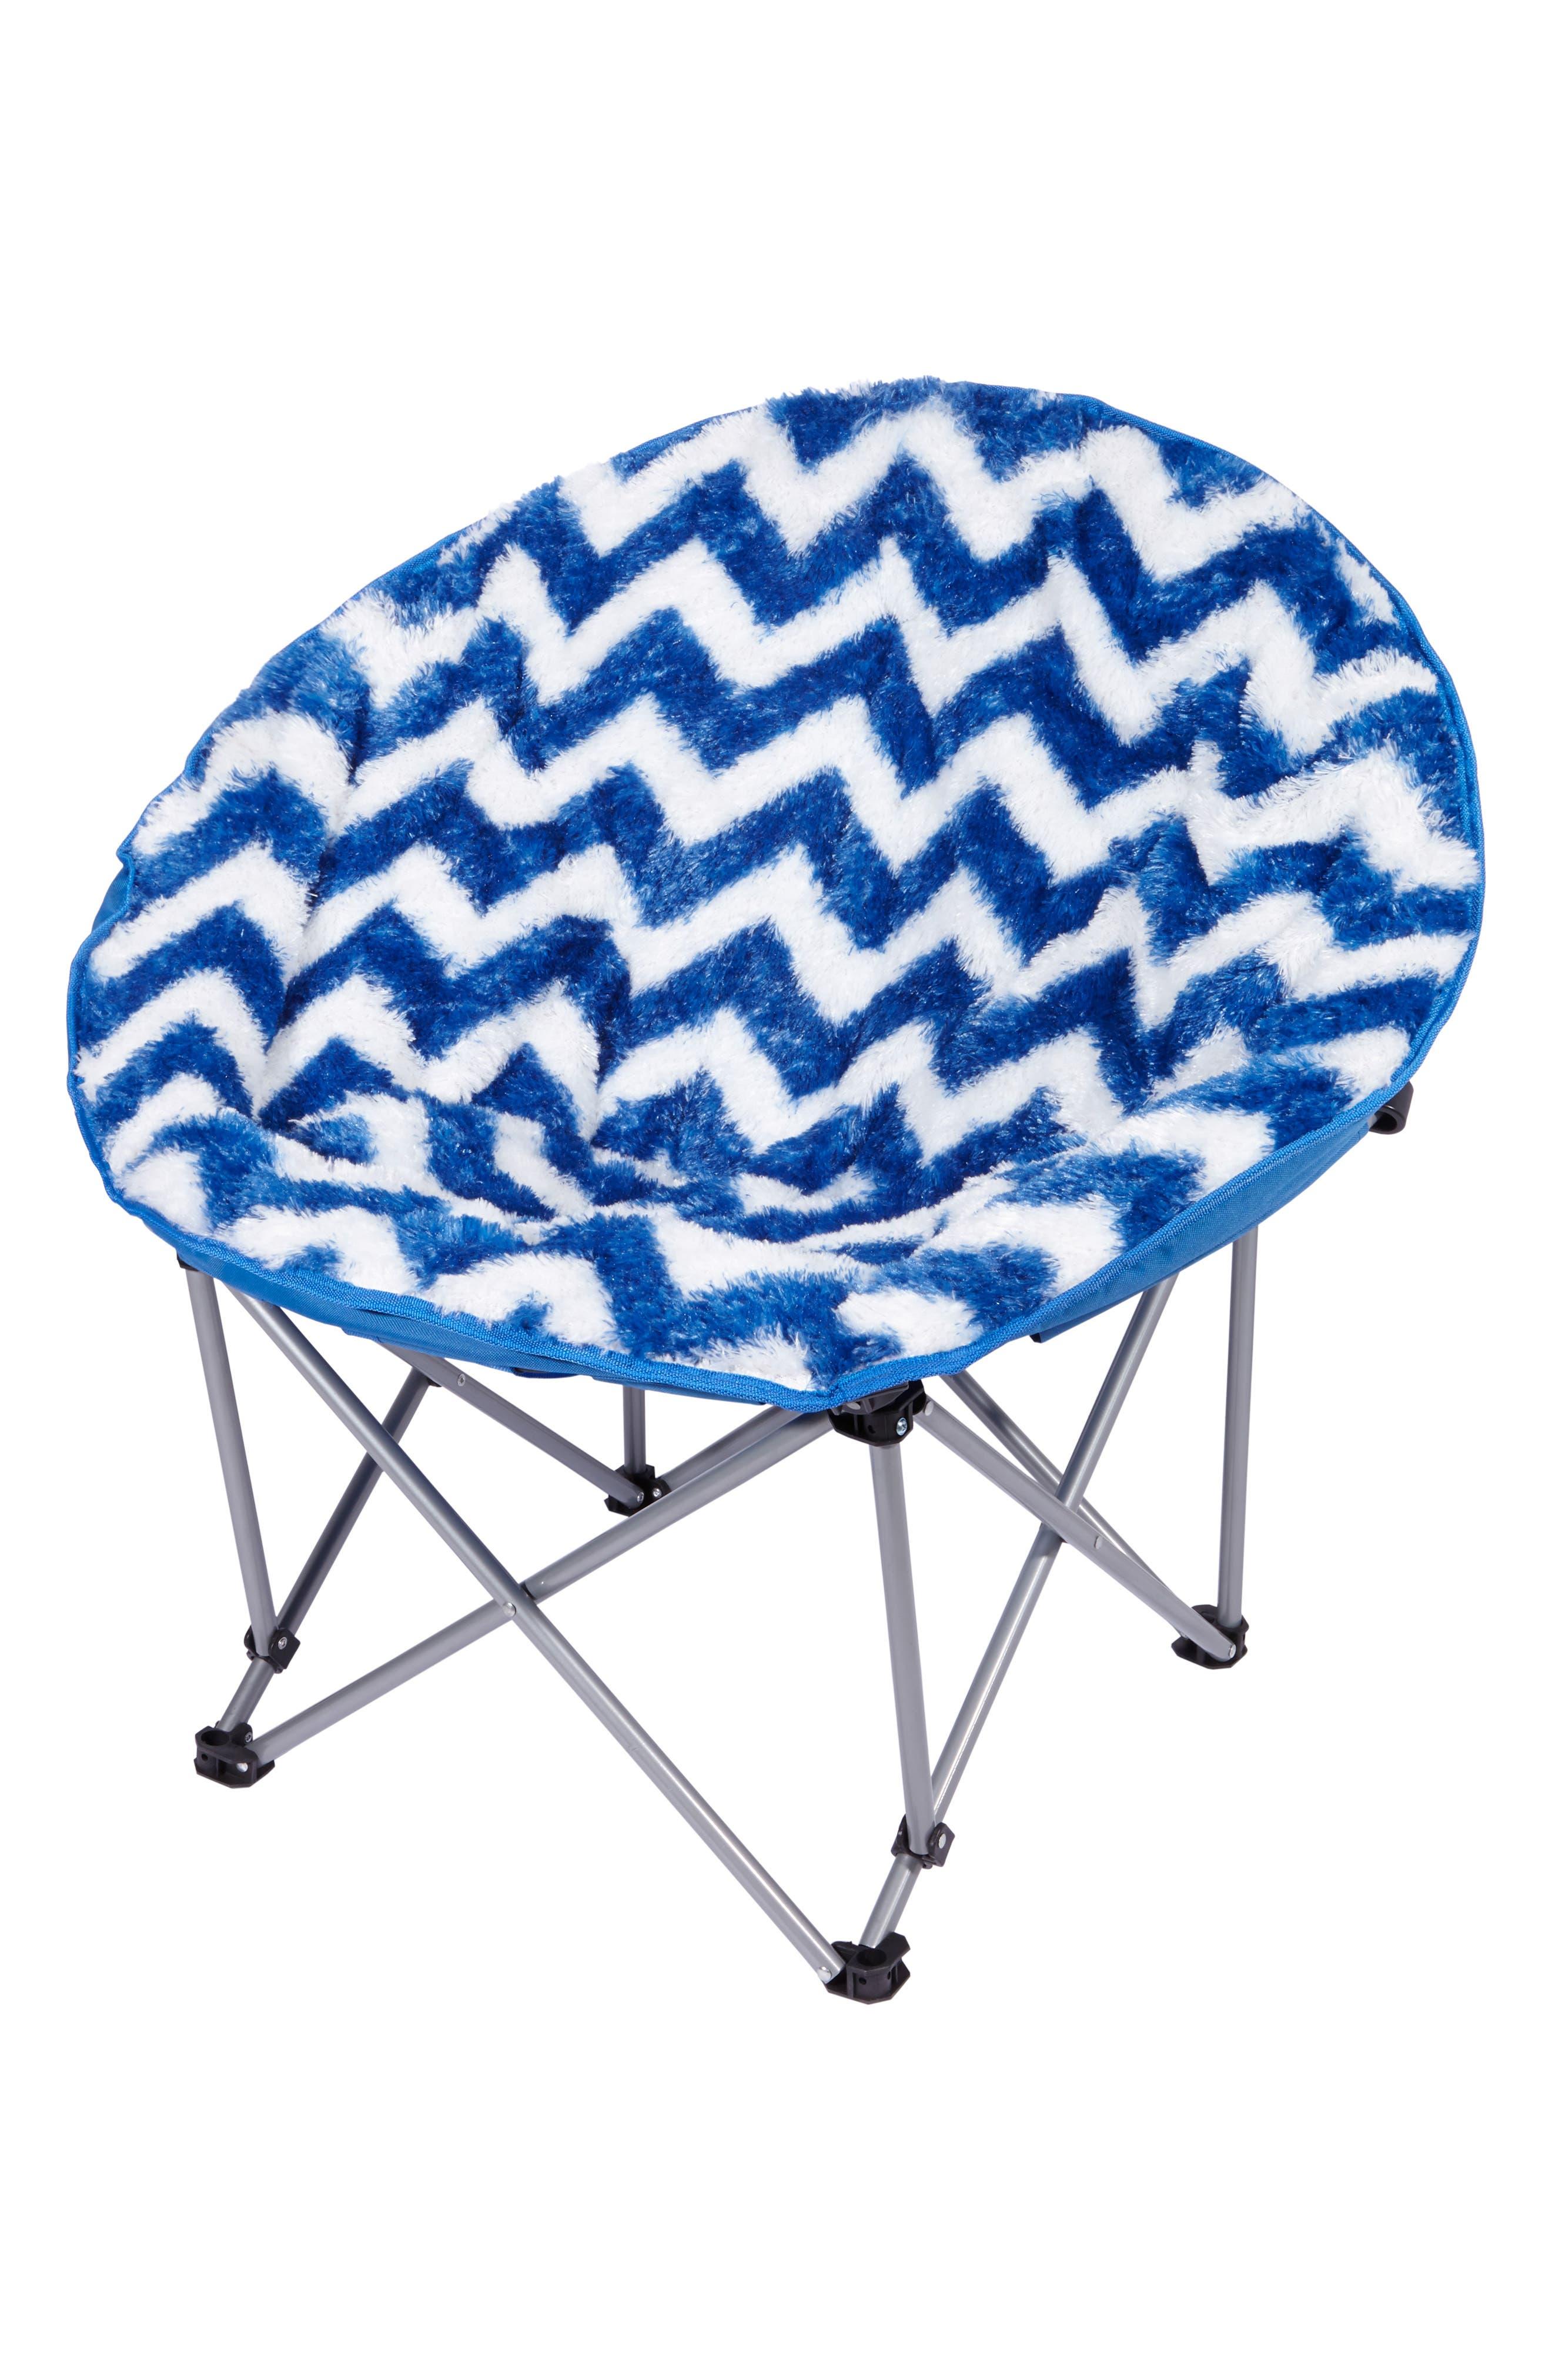 Chevron Moon Chair,                             Main thumbnail 1, color,                             BLUE